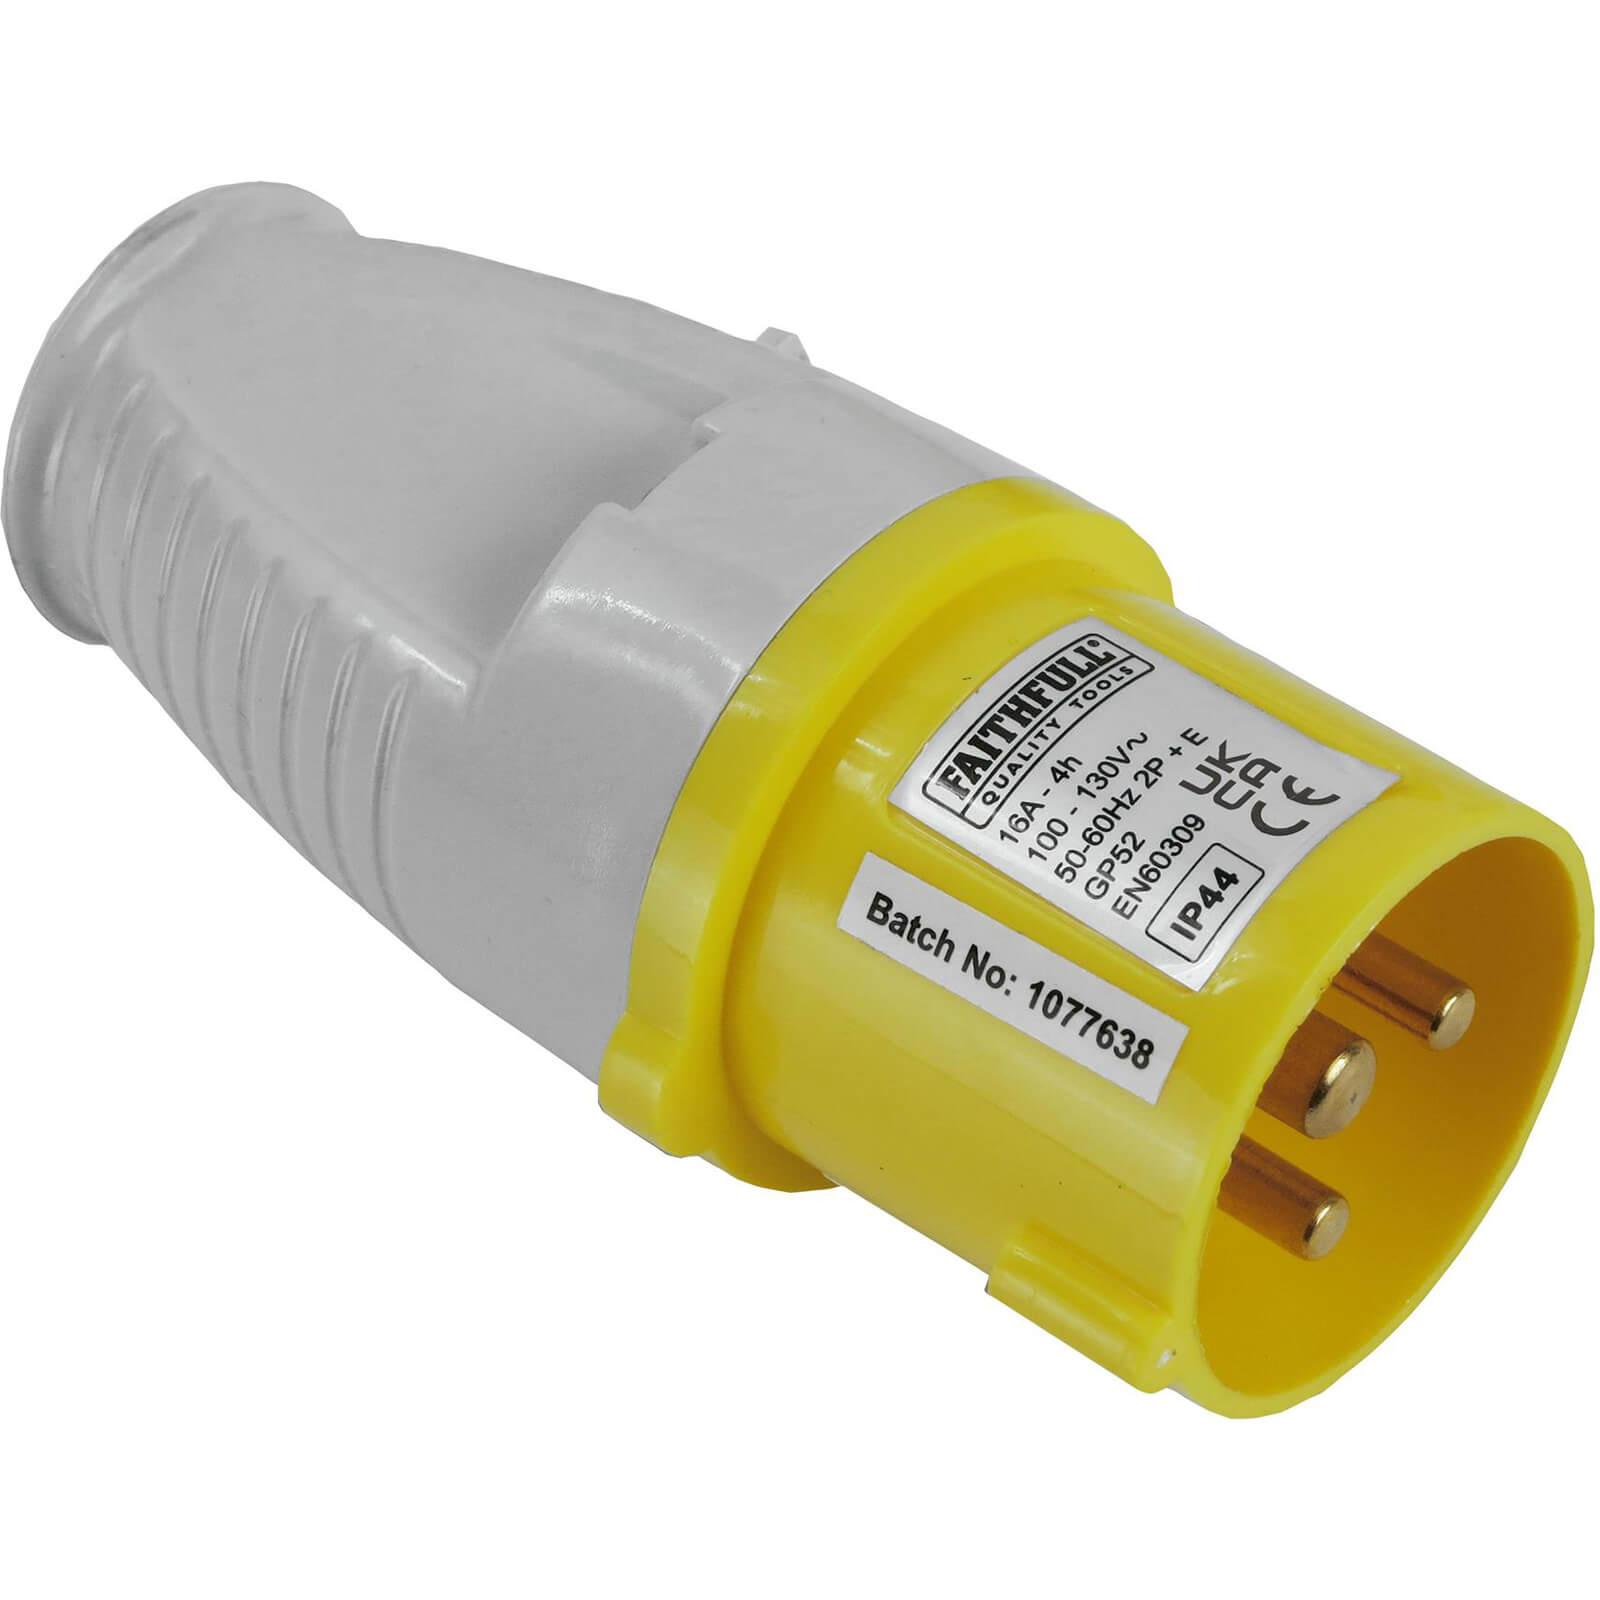 Faithfull Yellow Plug 16 amp 110v 110v